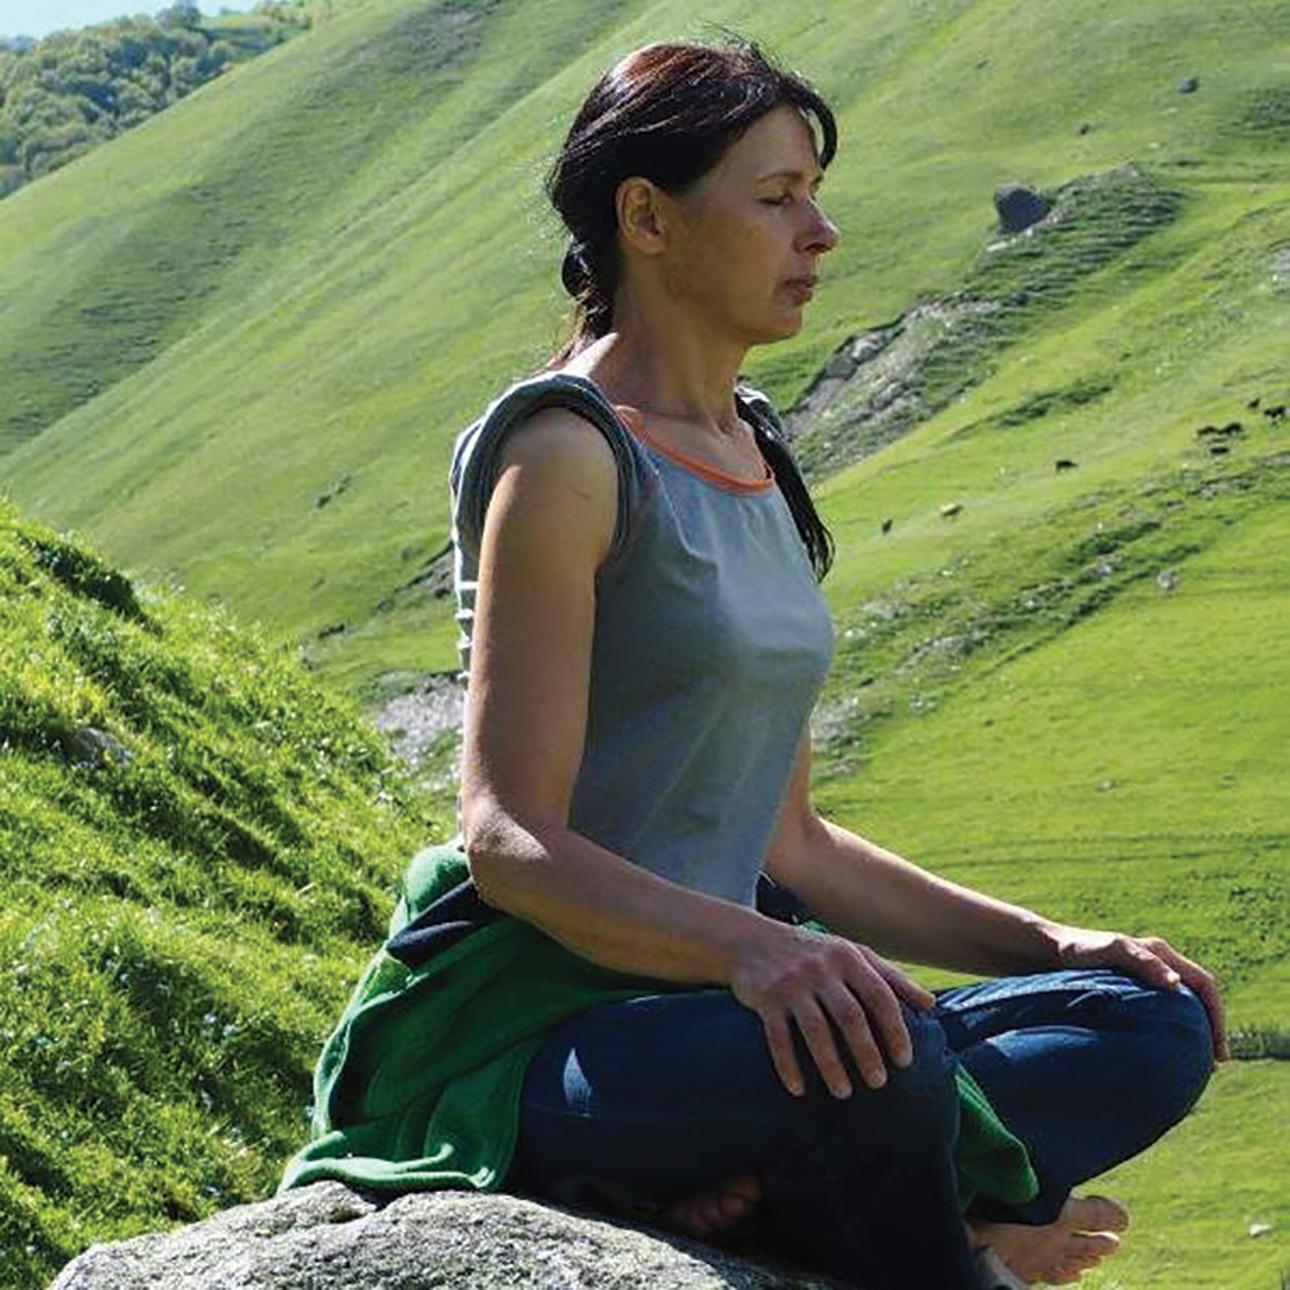 Pašnekovės meditacijos akimirkos įstabios Gruzijos gamtos lopšyje. Asmeninio archyvo nuotr.